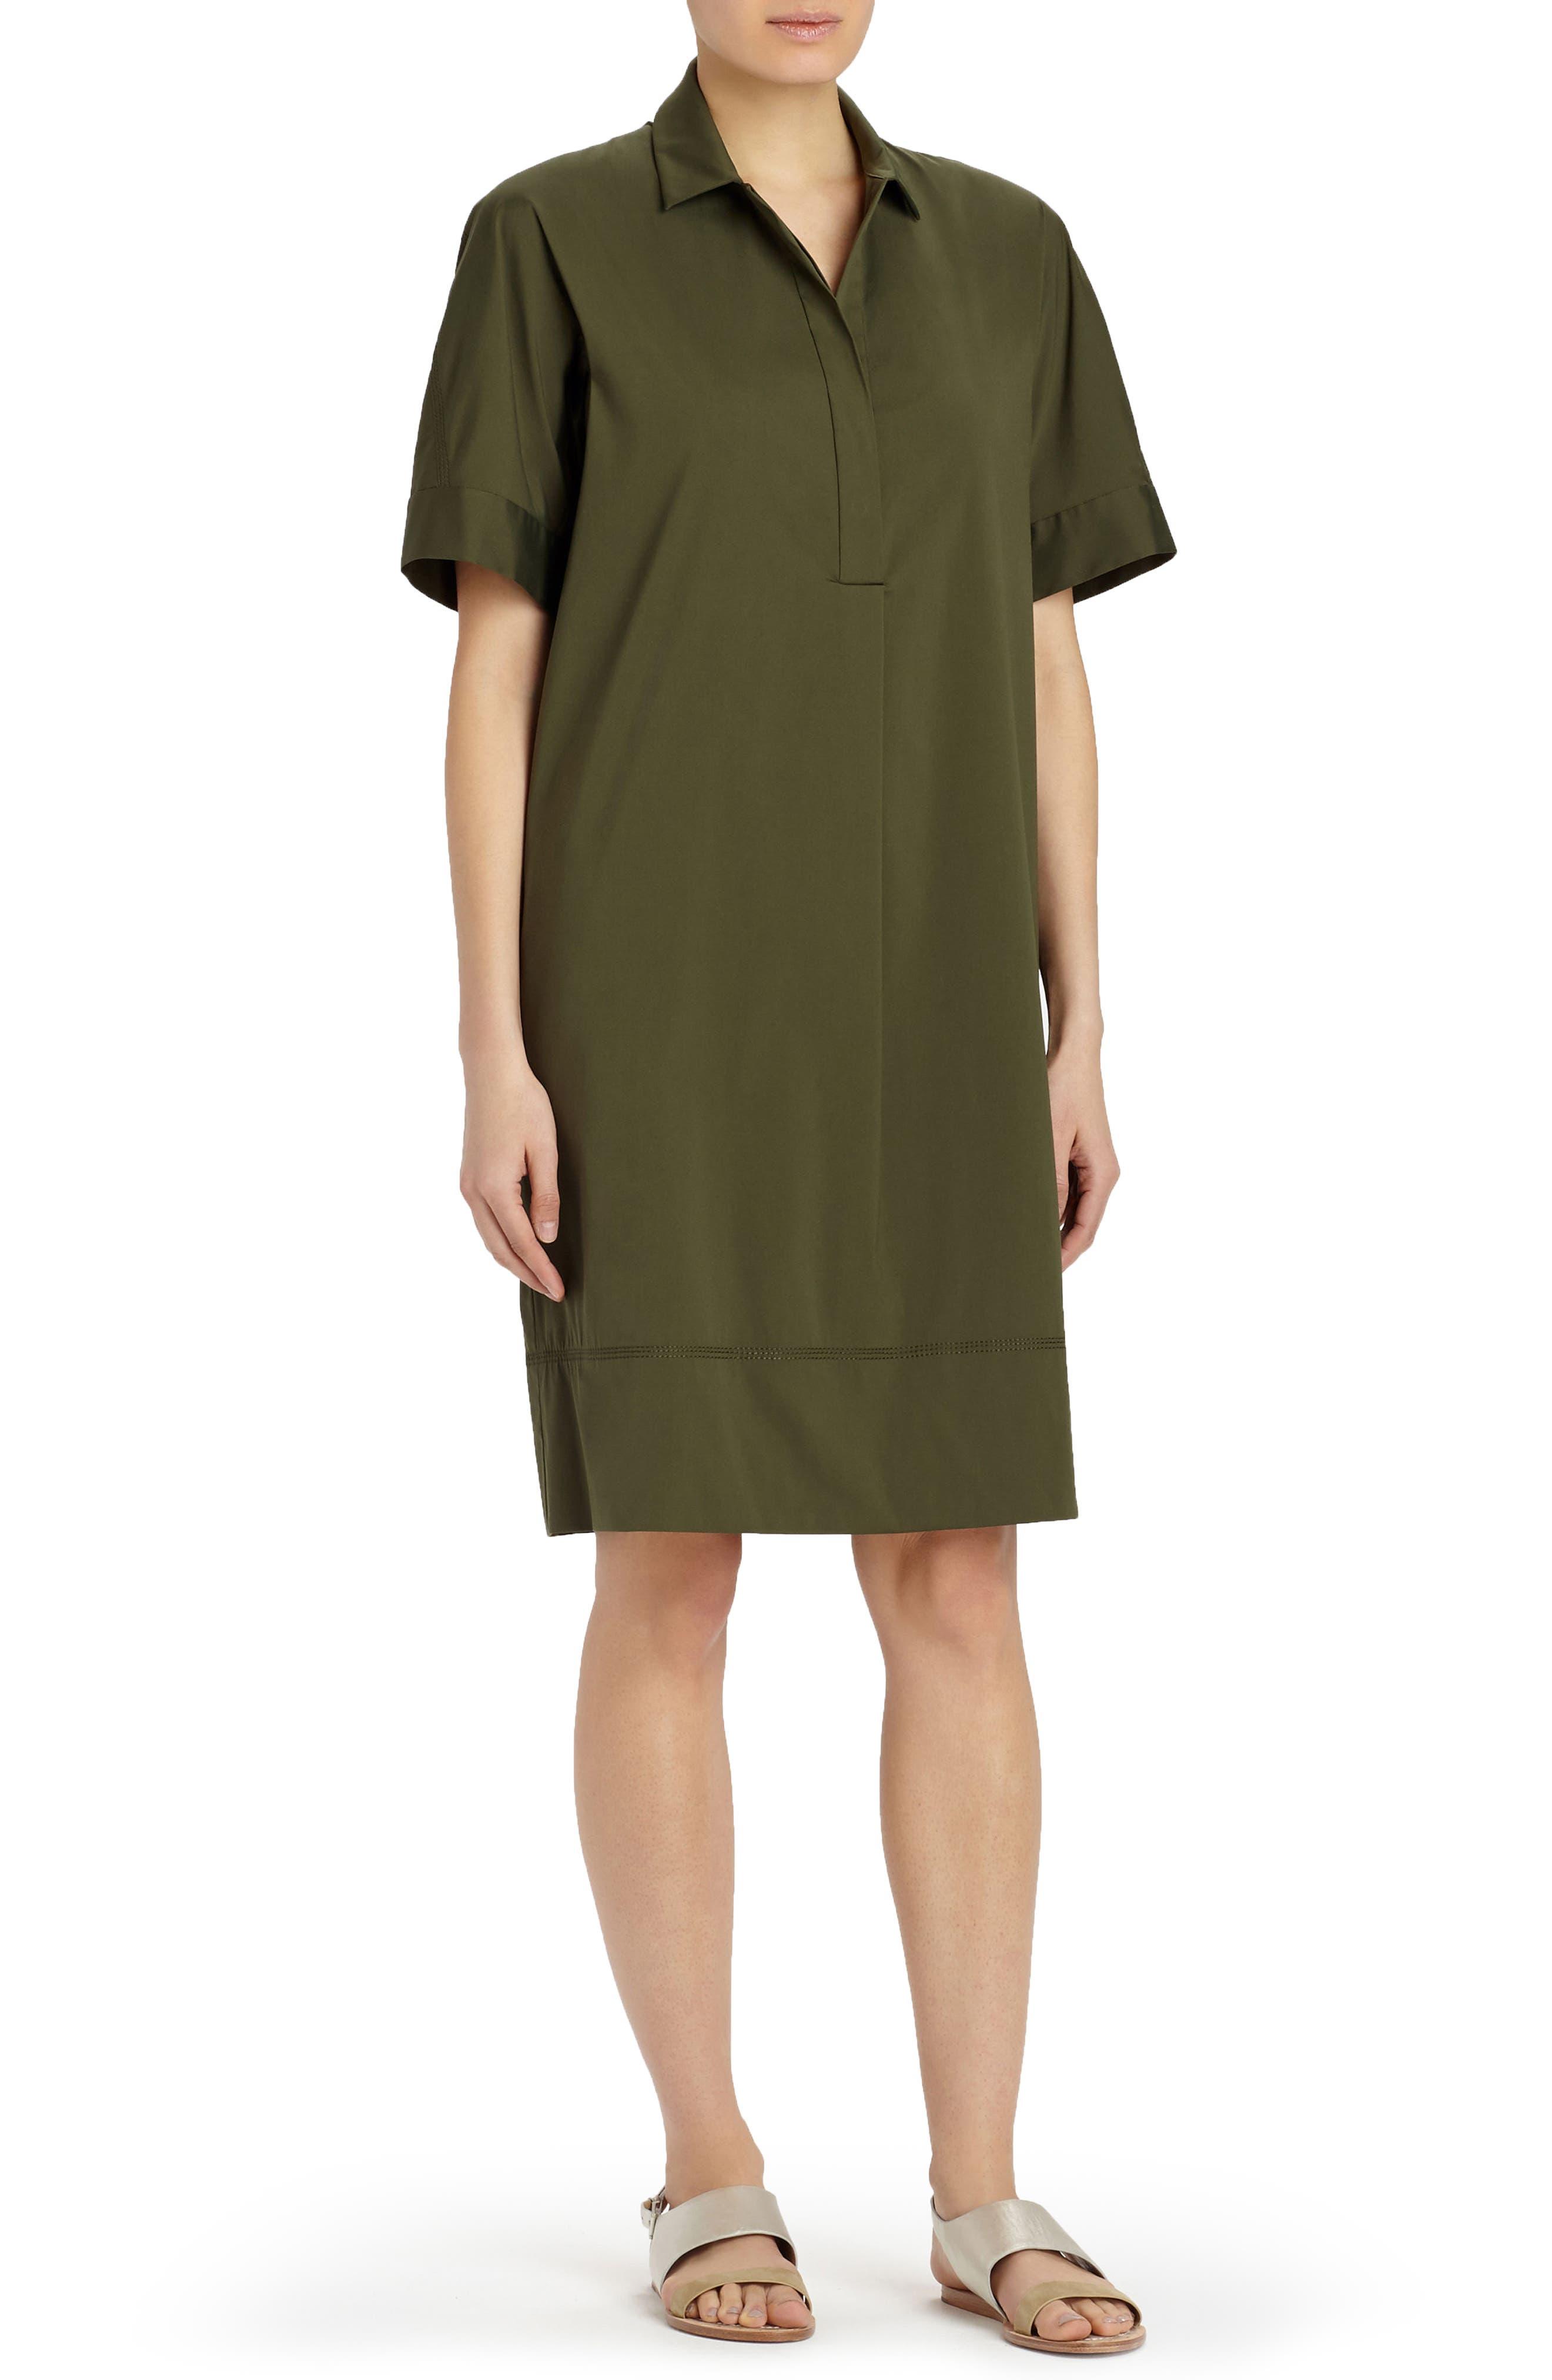 Lafayette 148 New York Zamira Cotton Blend Shirtdress